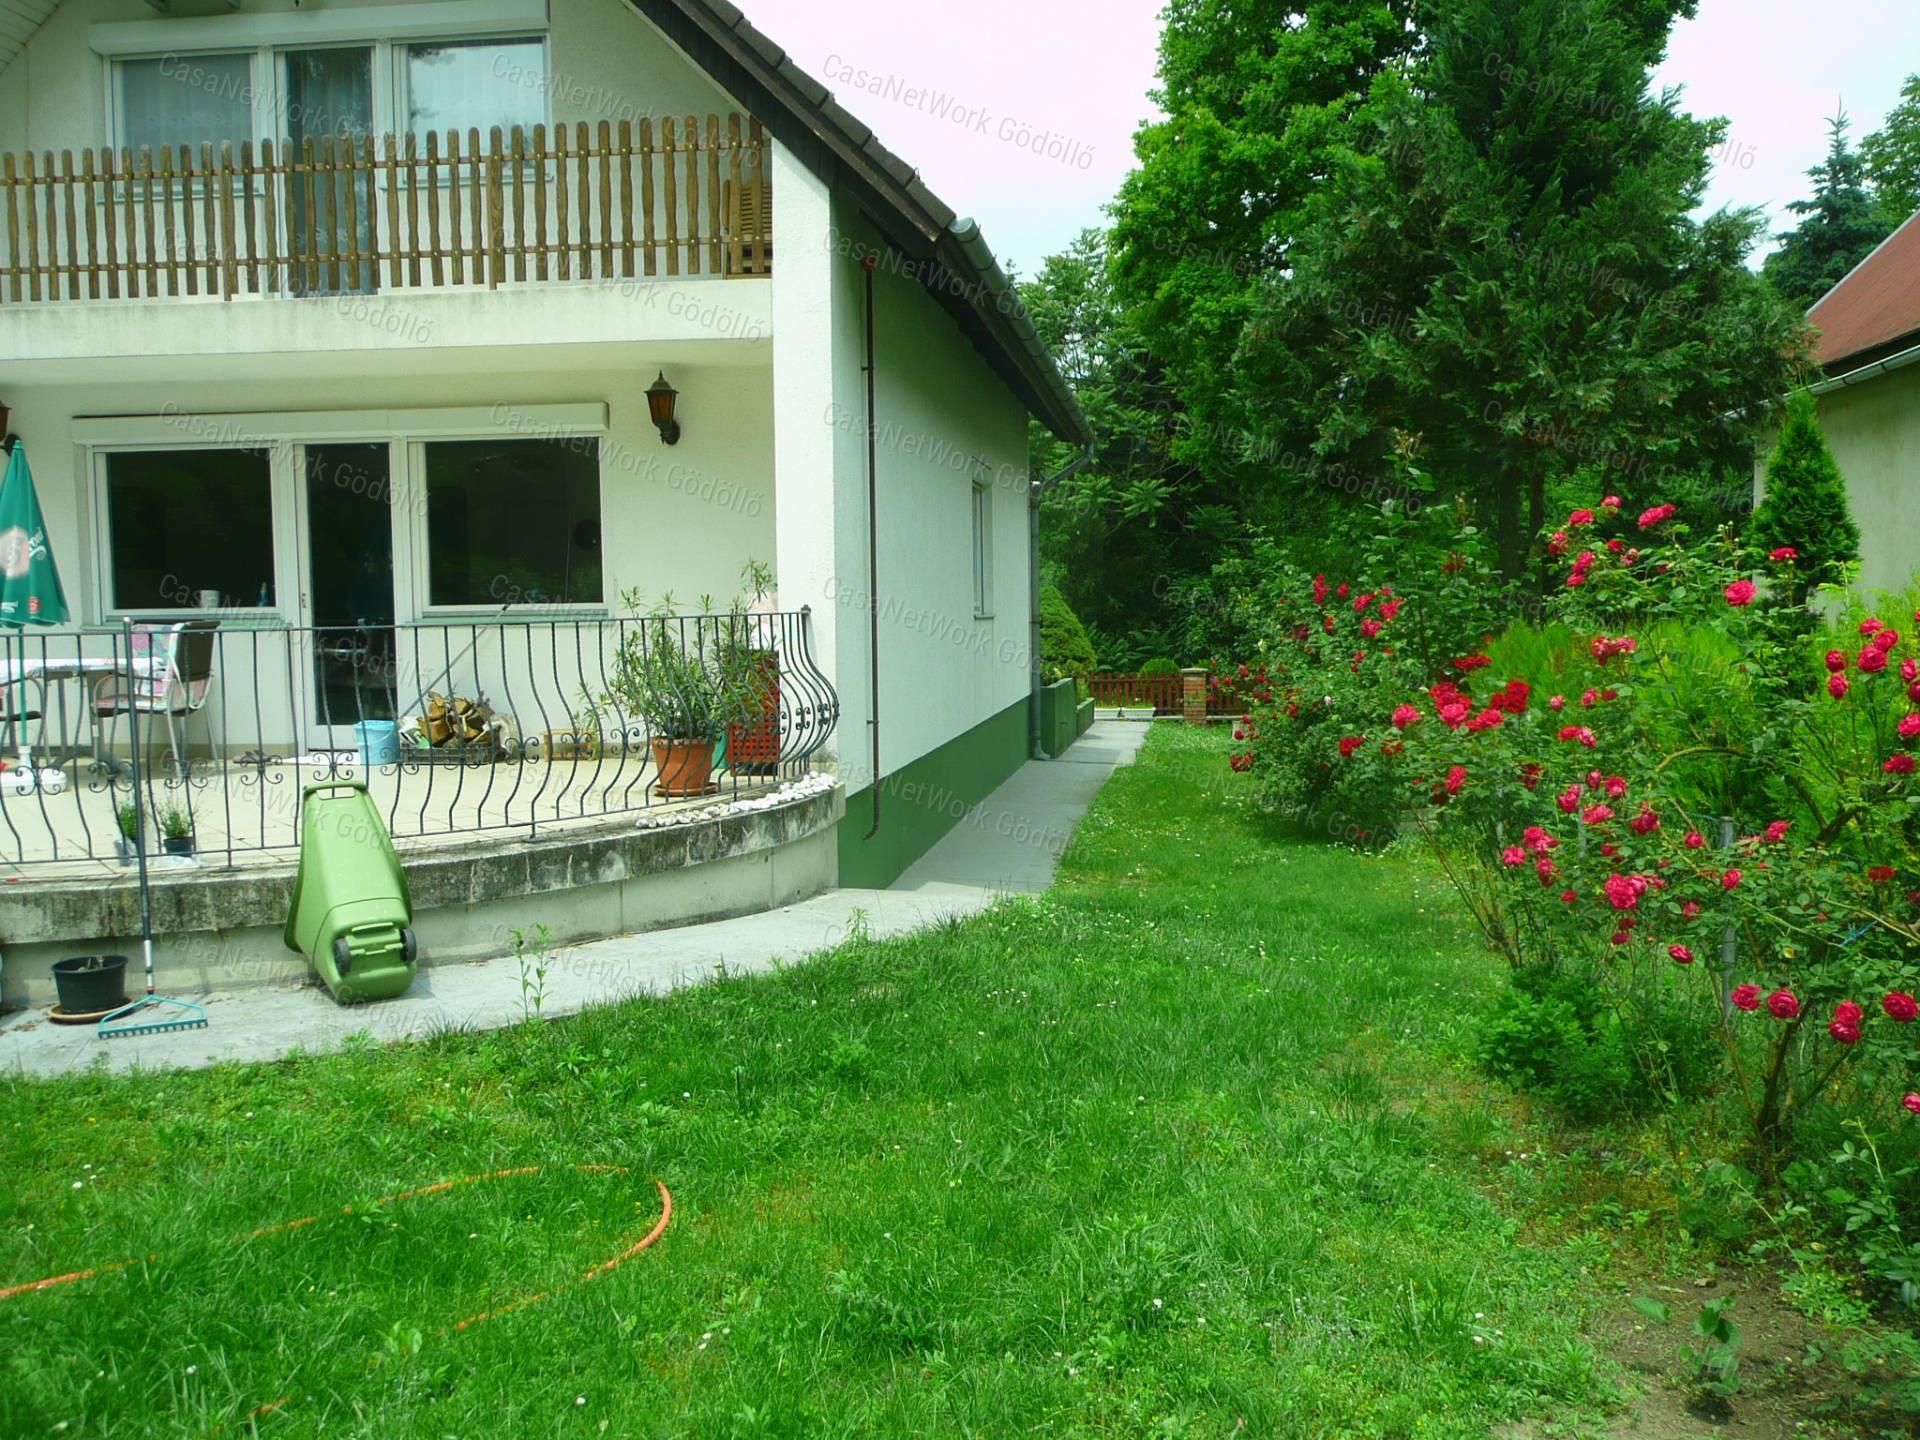 Eladó családi ház, Pest megye, Szigetmonostor - sz.: 166400622 - CasaNetWork.hu